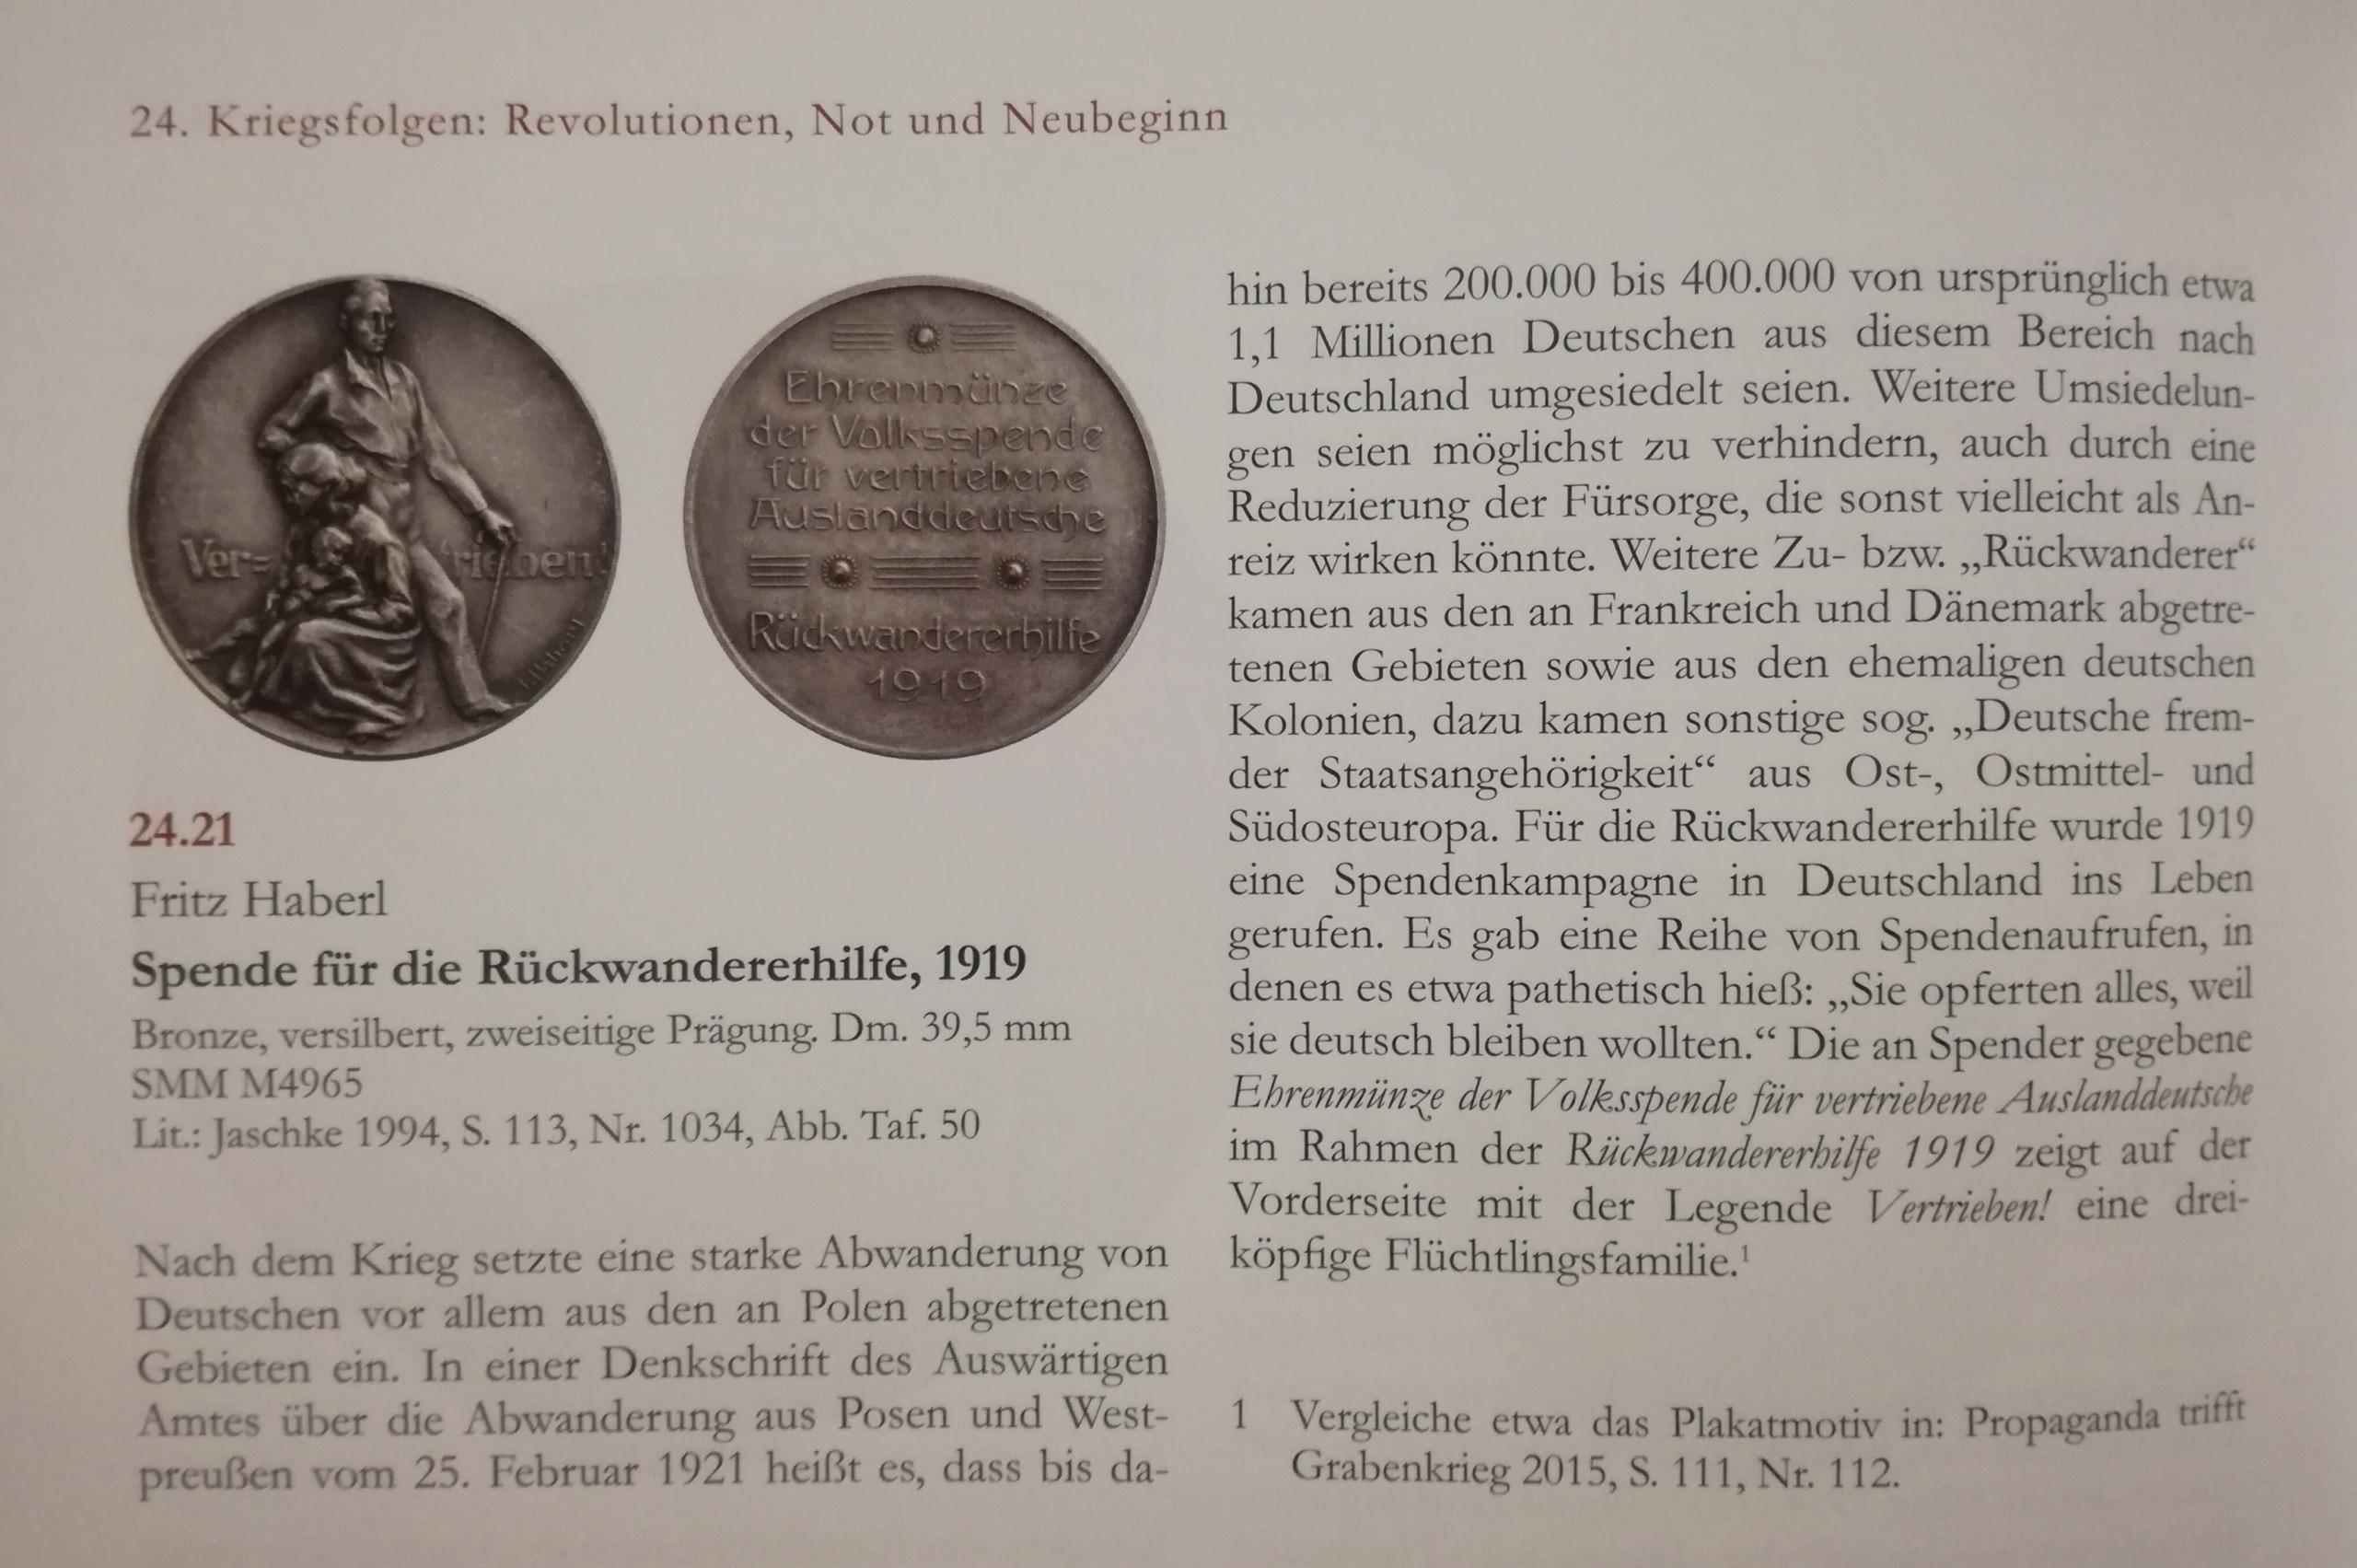 MEDALLAS ALEMANAS 1914-1945. Últimas adquisiciones. - Página 7 Img_2116